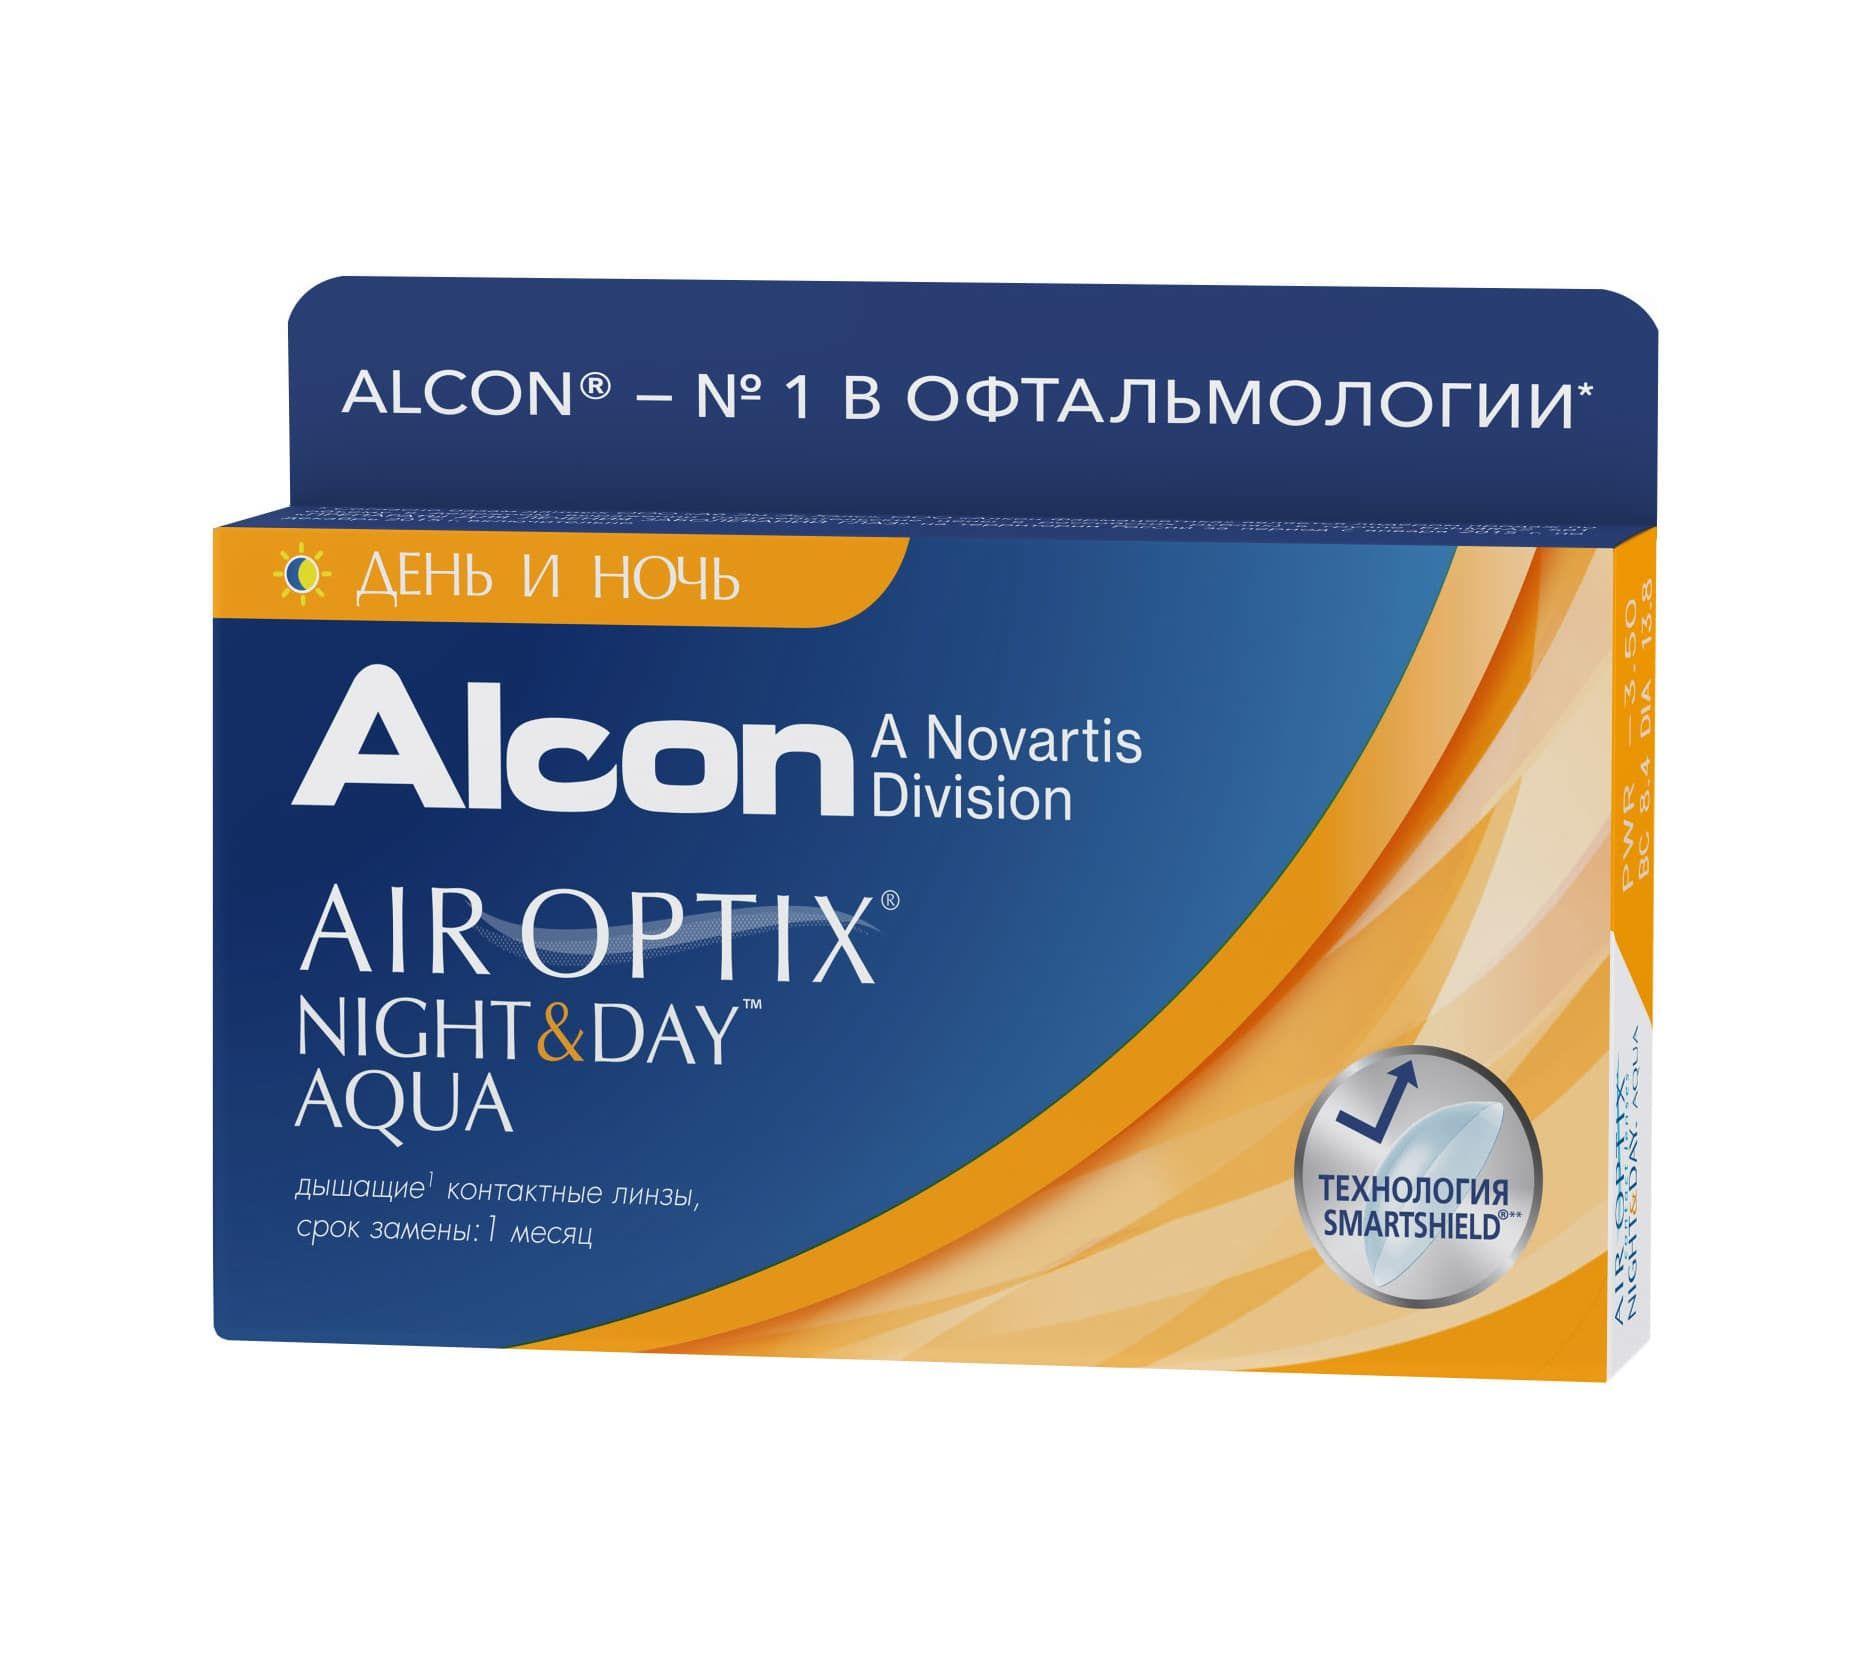 Контактные линзы AIR OPTIX Night & Day AQUA (3 линзы)